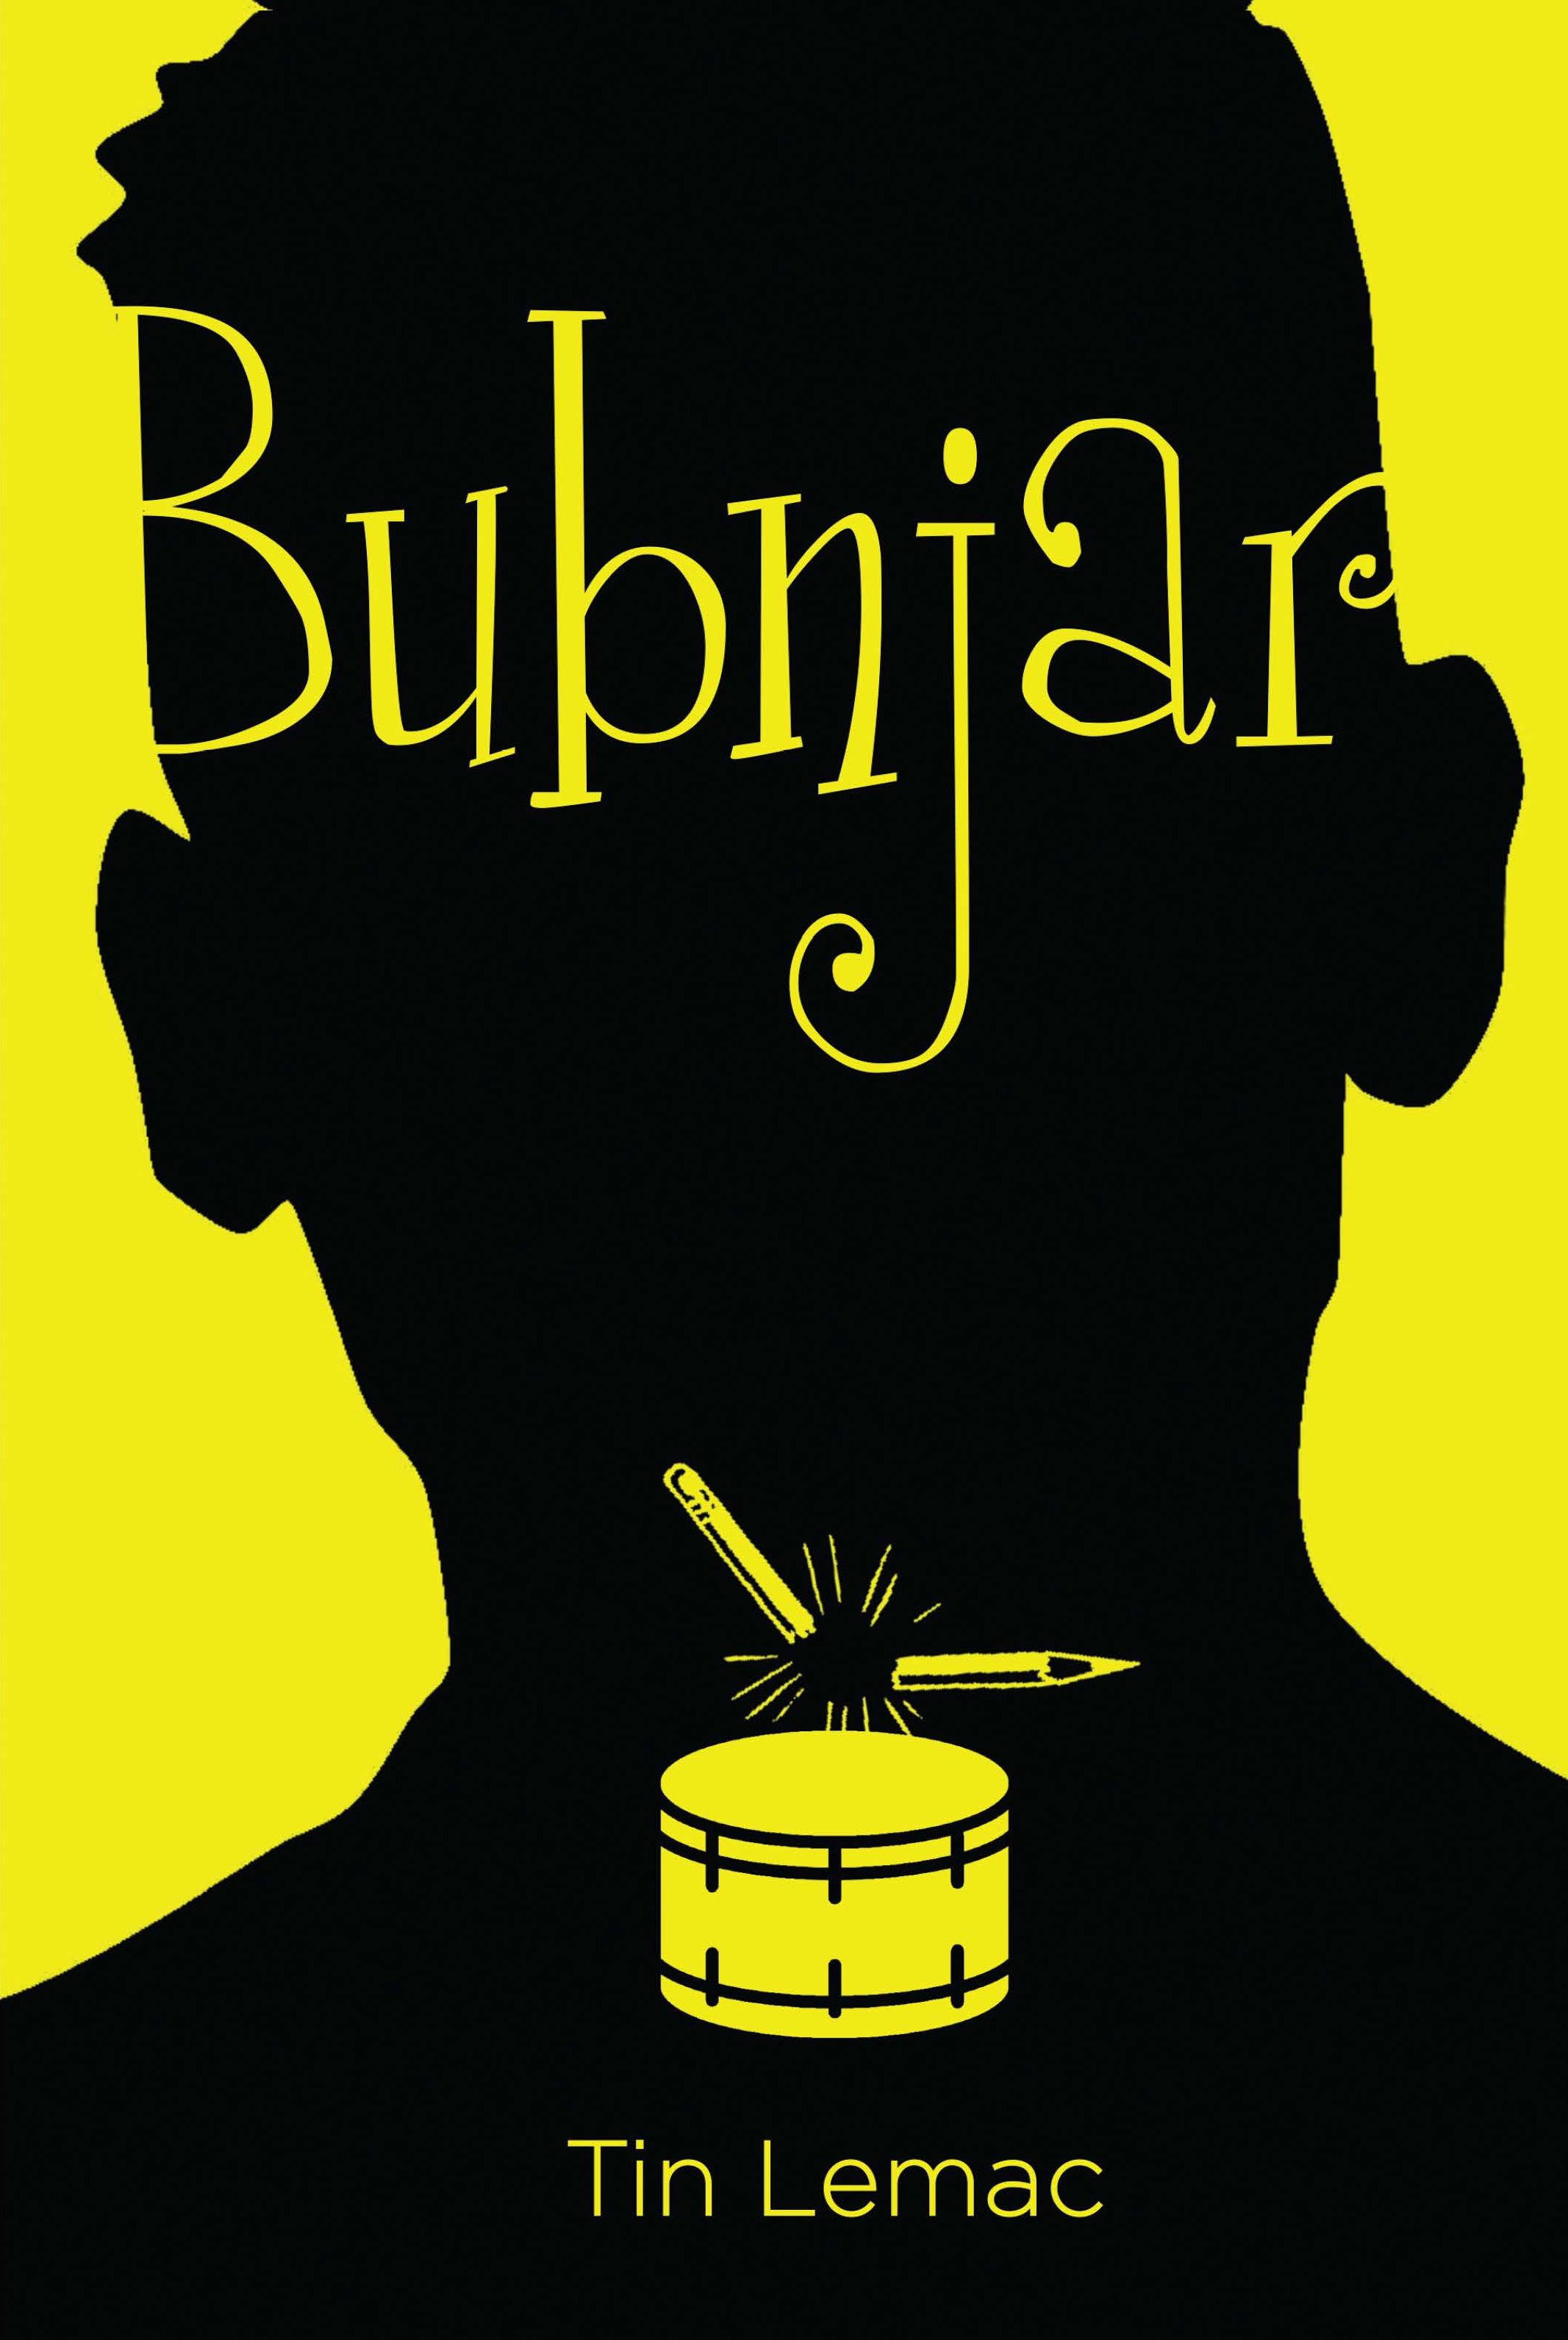 naslovnica-bubnjar-1